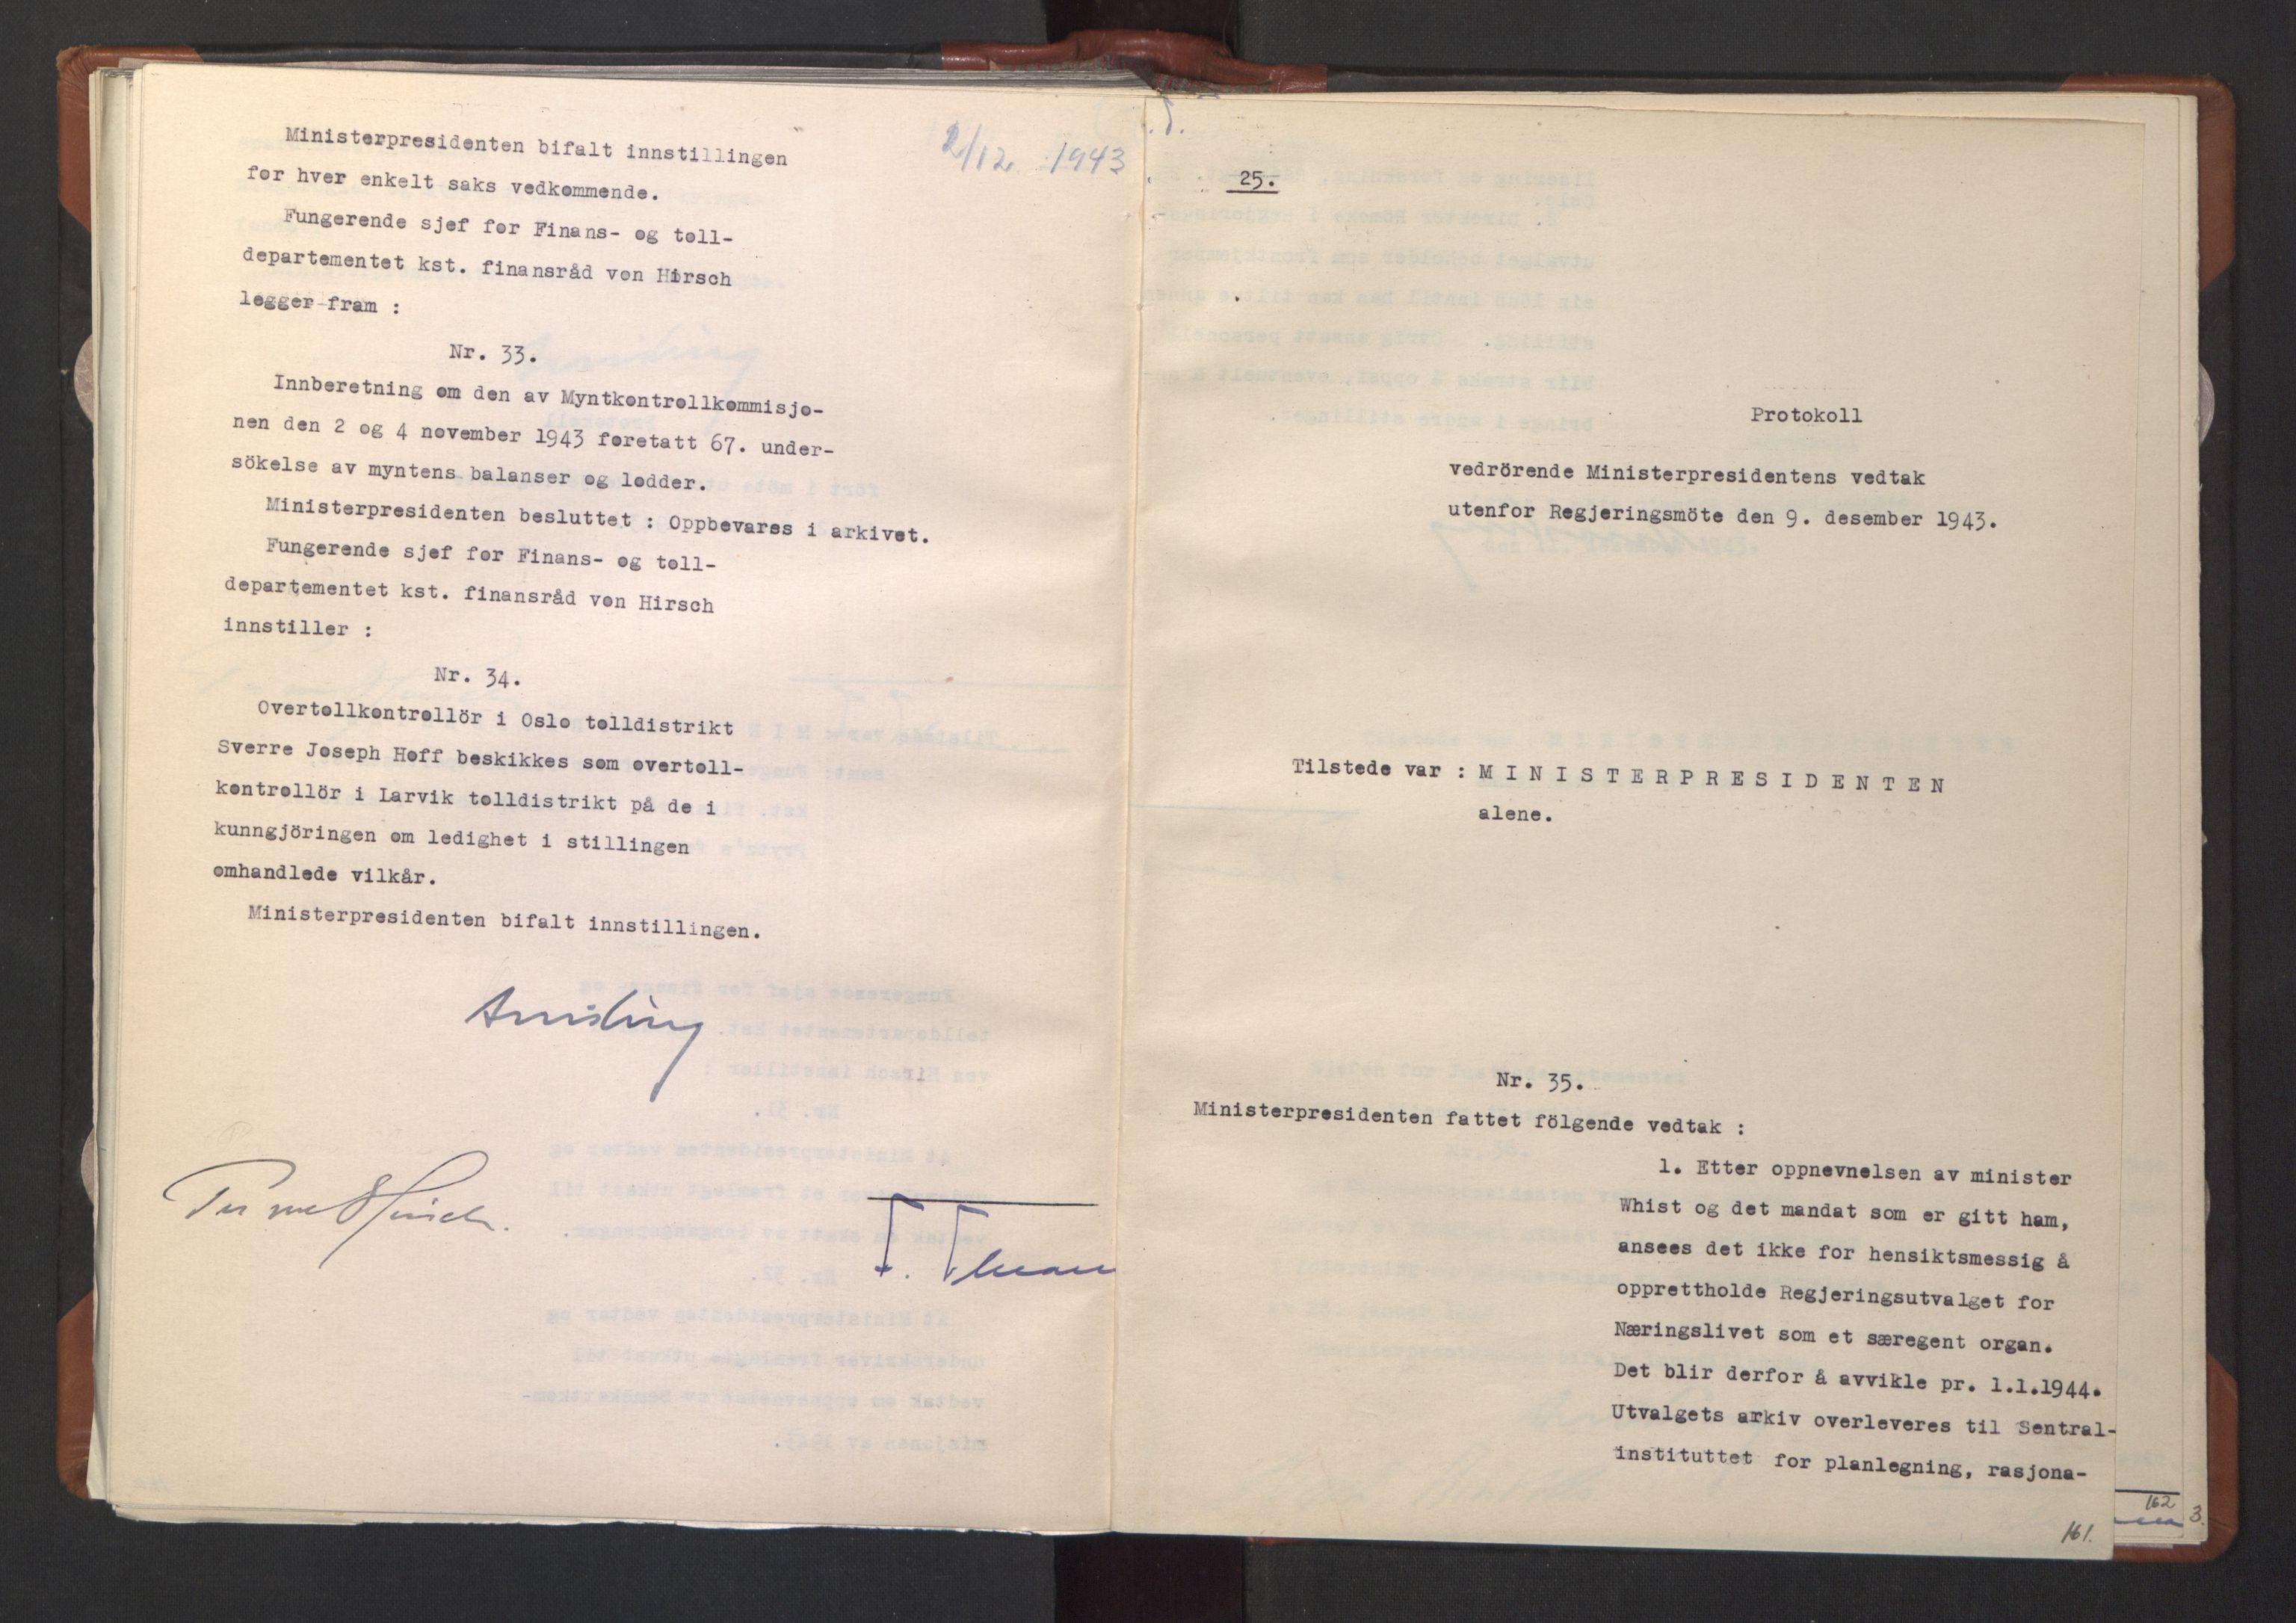 RA, NS-administrasjonen 1940-1945 (Statsrådsekretariatet, de kommisariske statsråder mm), D/Da/L0003: Vedtak (Beslutninger) nr. 1-746 og tillegg nr. 1-47 (RA. j.nr. 1394/1944, tilgangsnr. 8/1944, 1943, s. 160b-161a